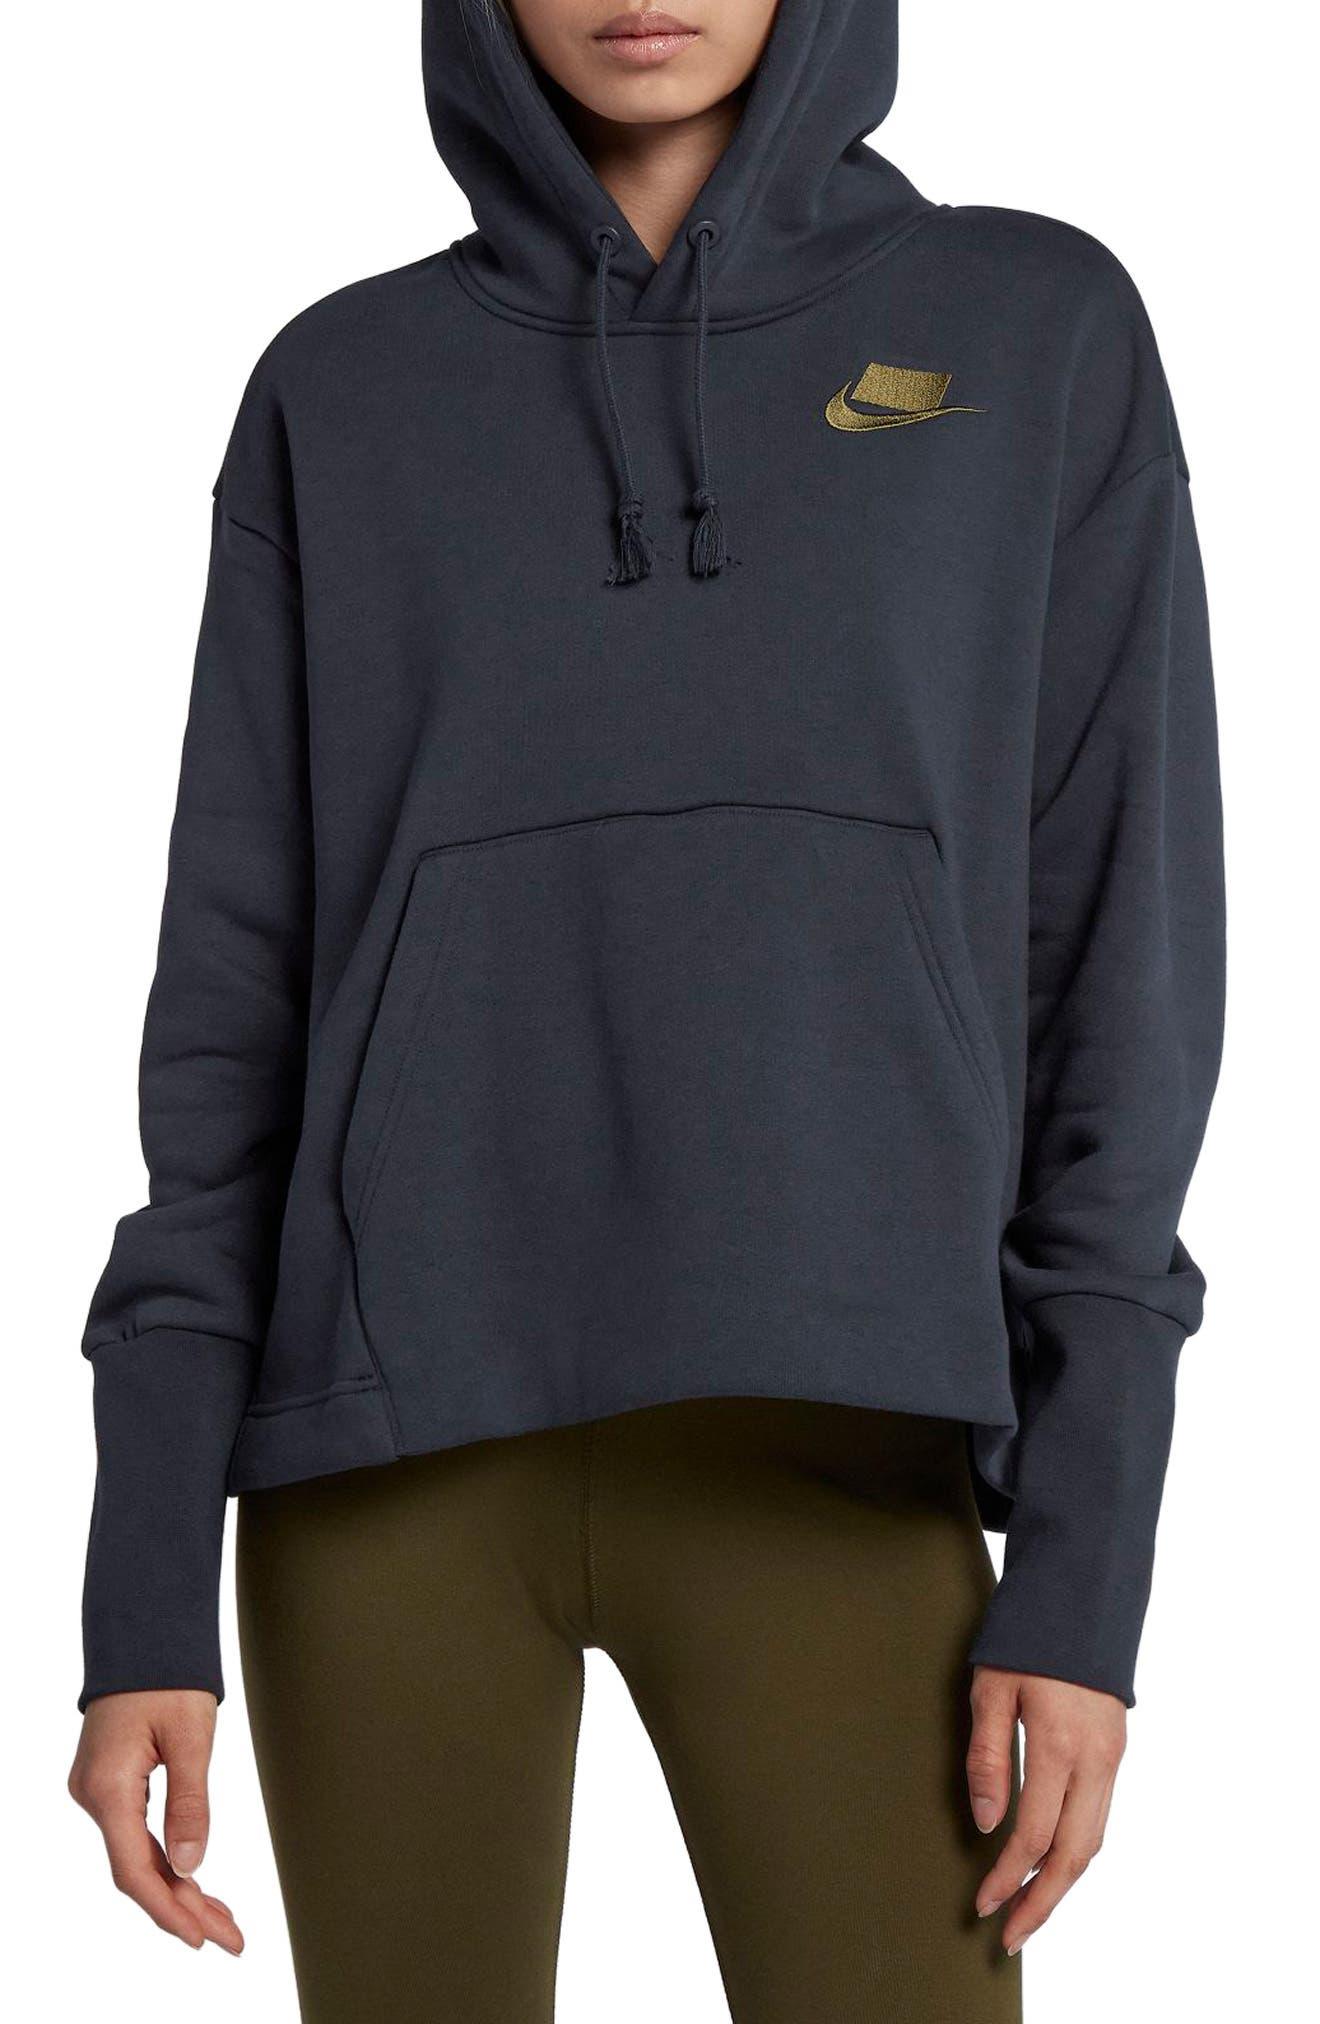 NIKE Sportswear NSW Women's Fleece Hoodie, Main, color, DARK OBSIDIAN/ OLIVE